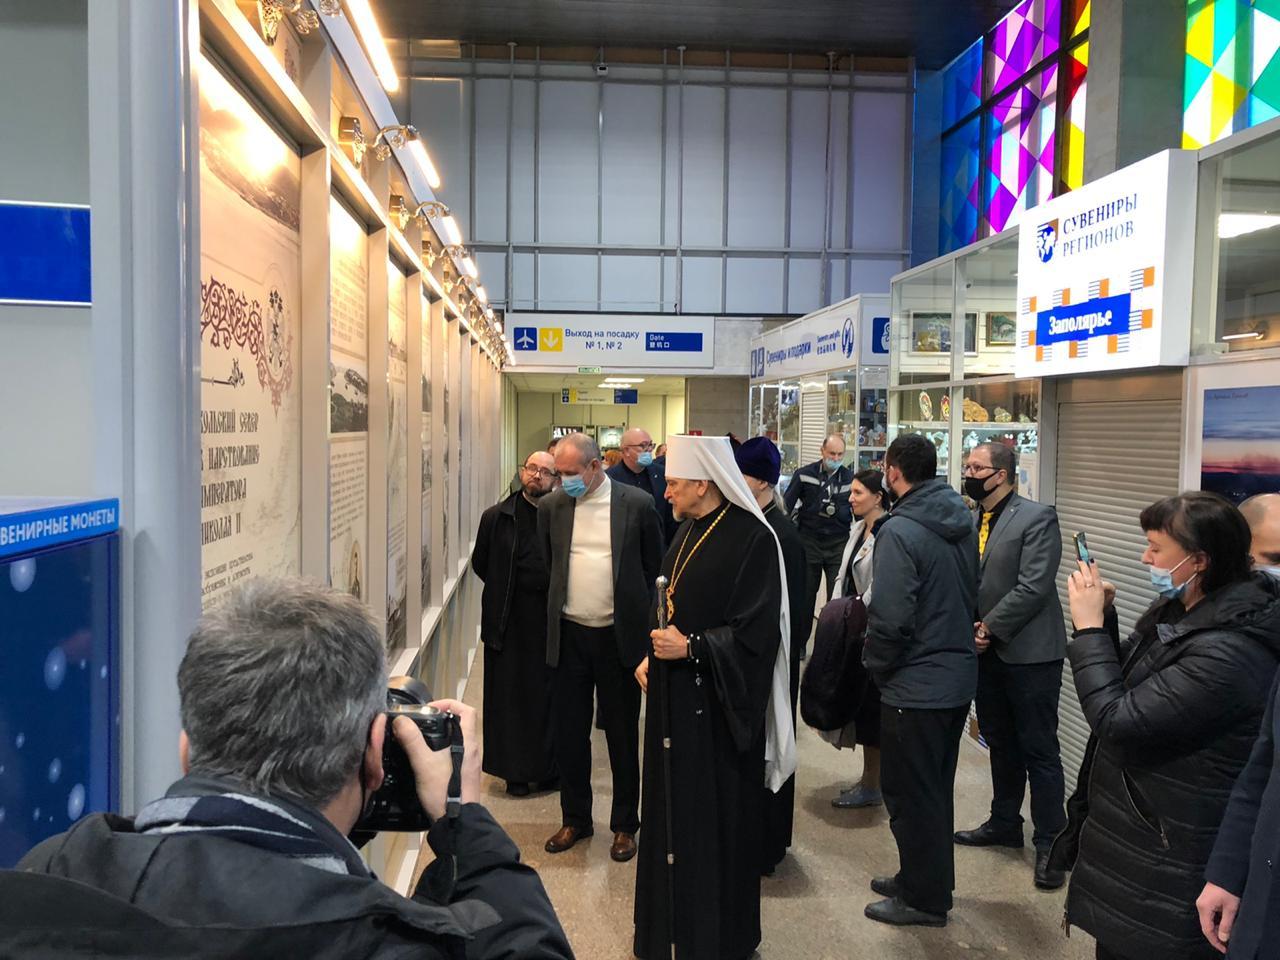 20201121_15-58-В аэропорту Мурманска открылась выставка, посвященная Николаю II-pic4